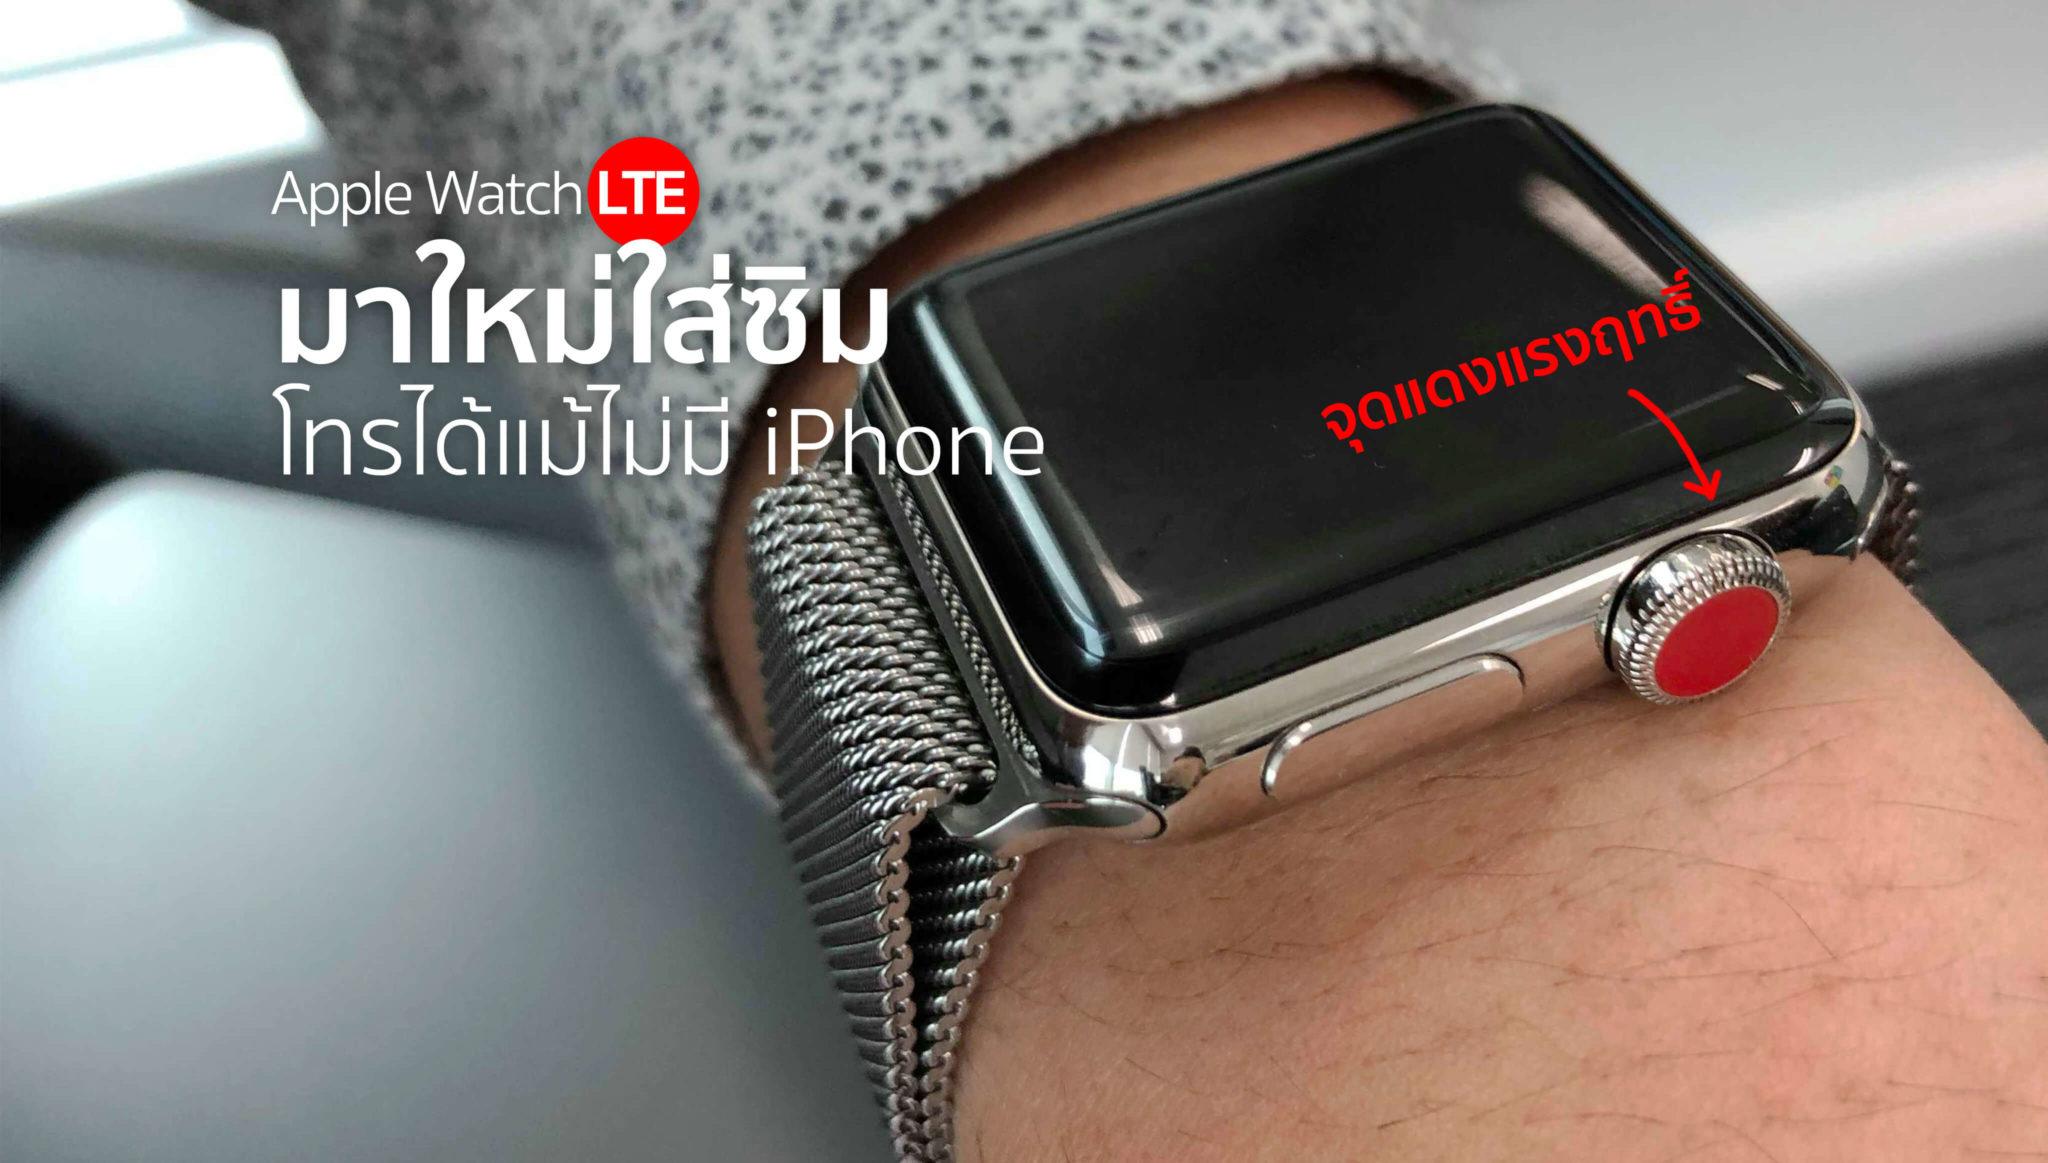 รีวิว Apple Watch LTE นาฬิกาแอปเปิ้ลใหม่ใส่ซิม โทรได้แม้ไร้ iPhone 13 - Smart Home